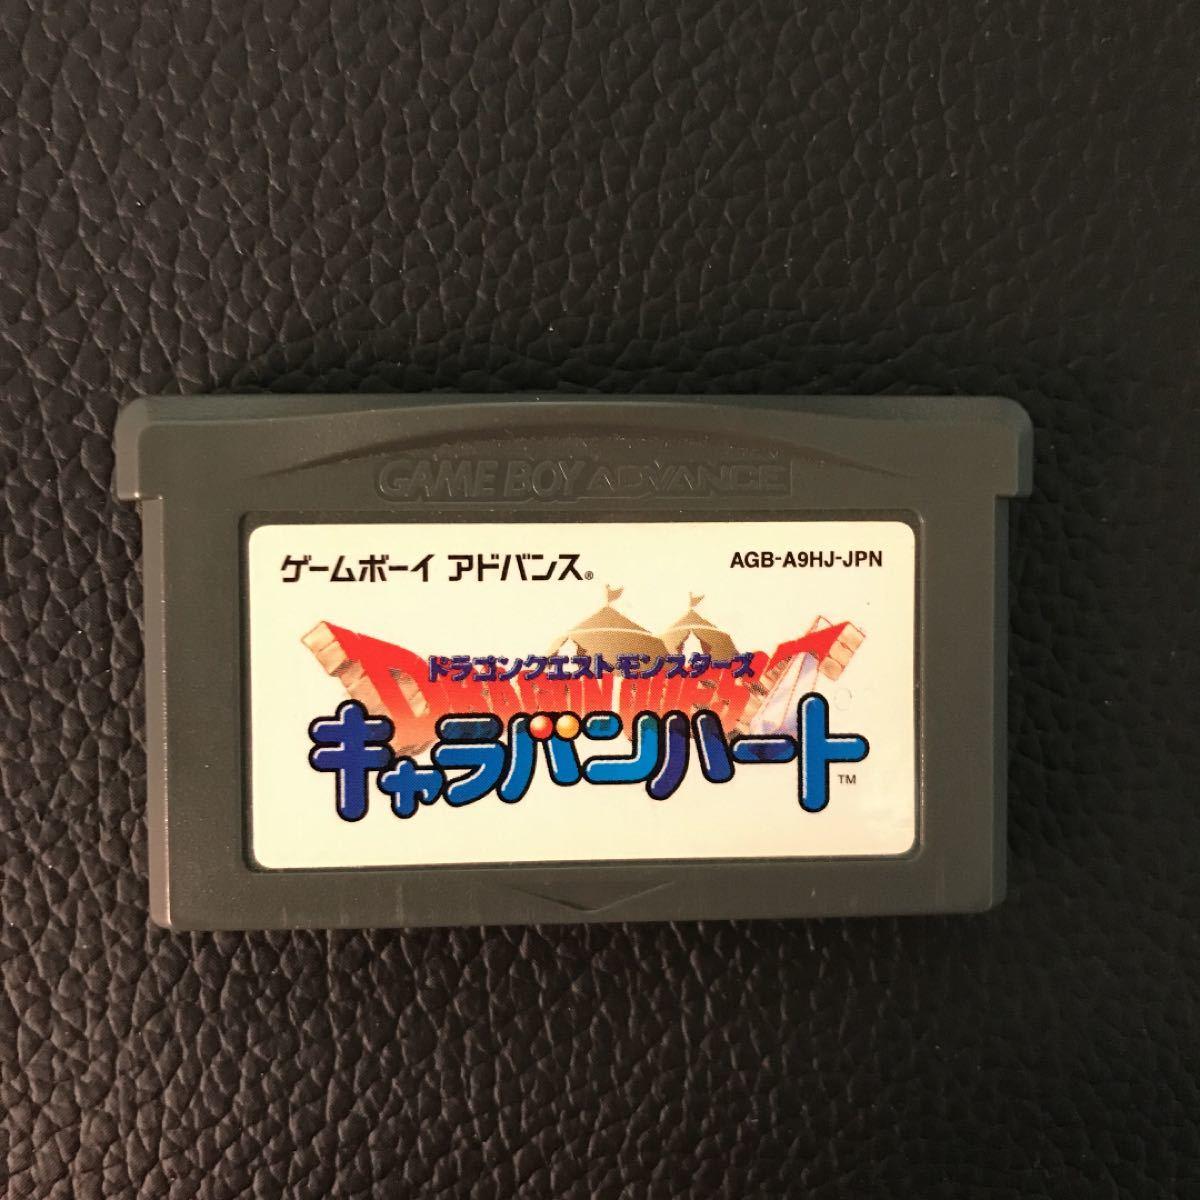 ゲームボーイアドバンスソフト6本セット